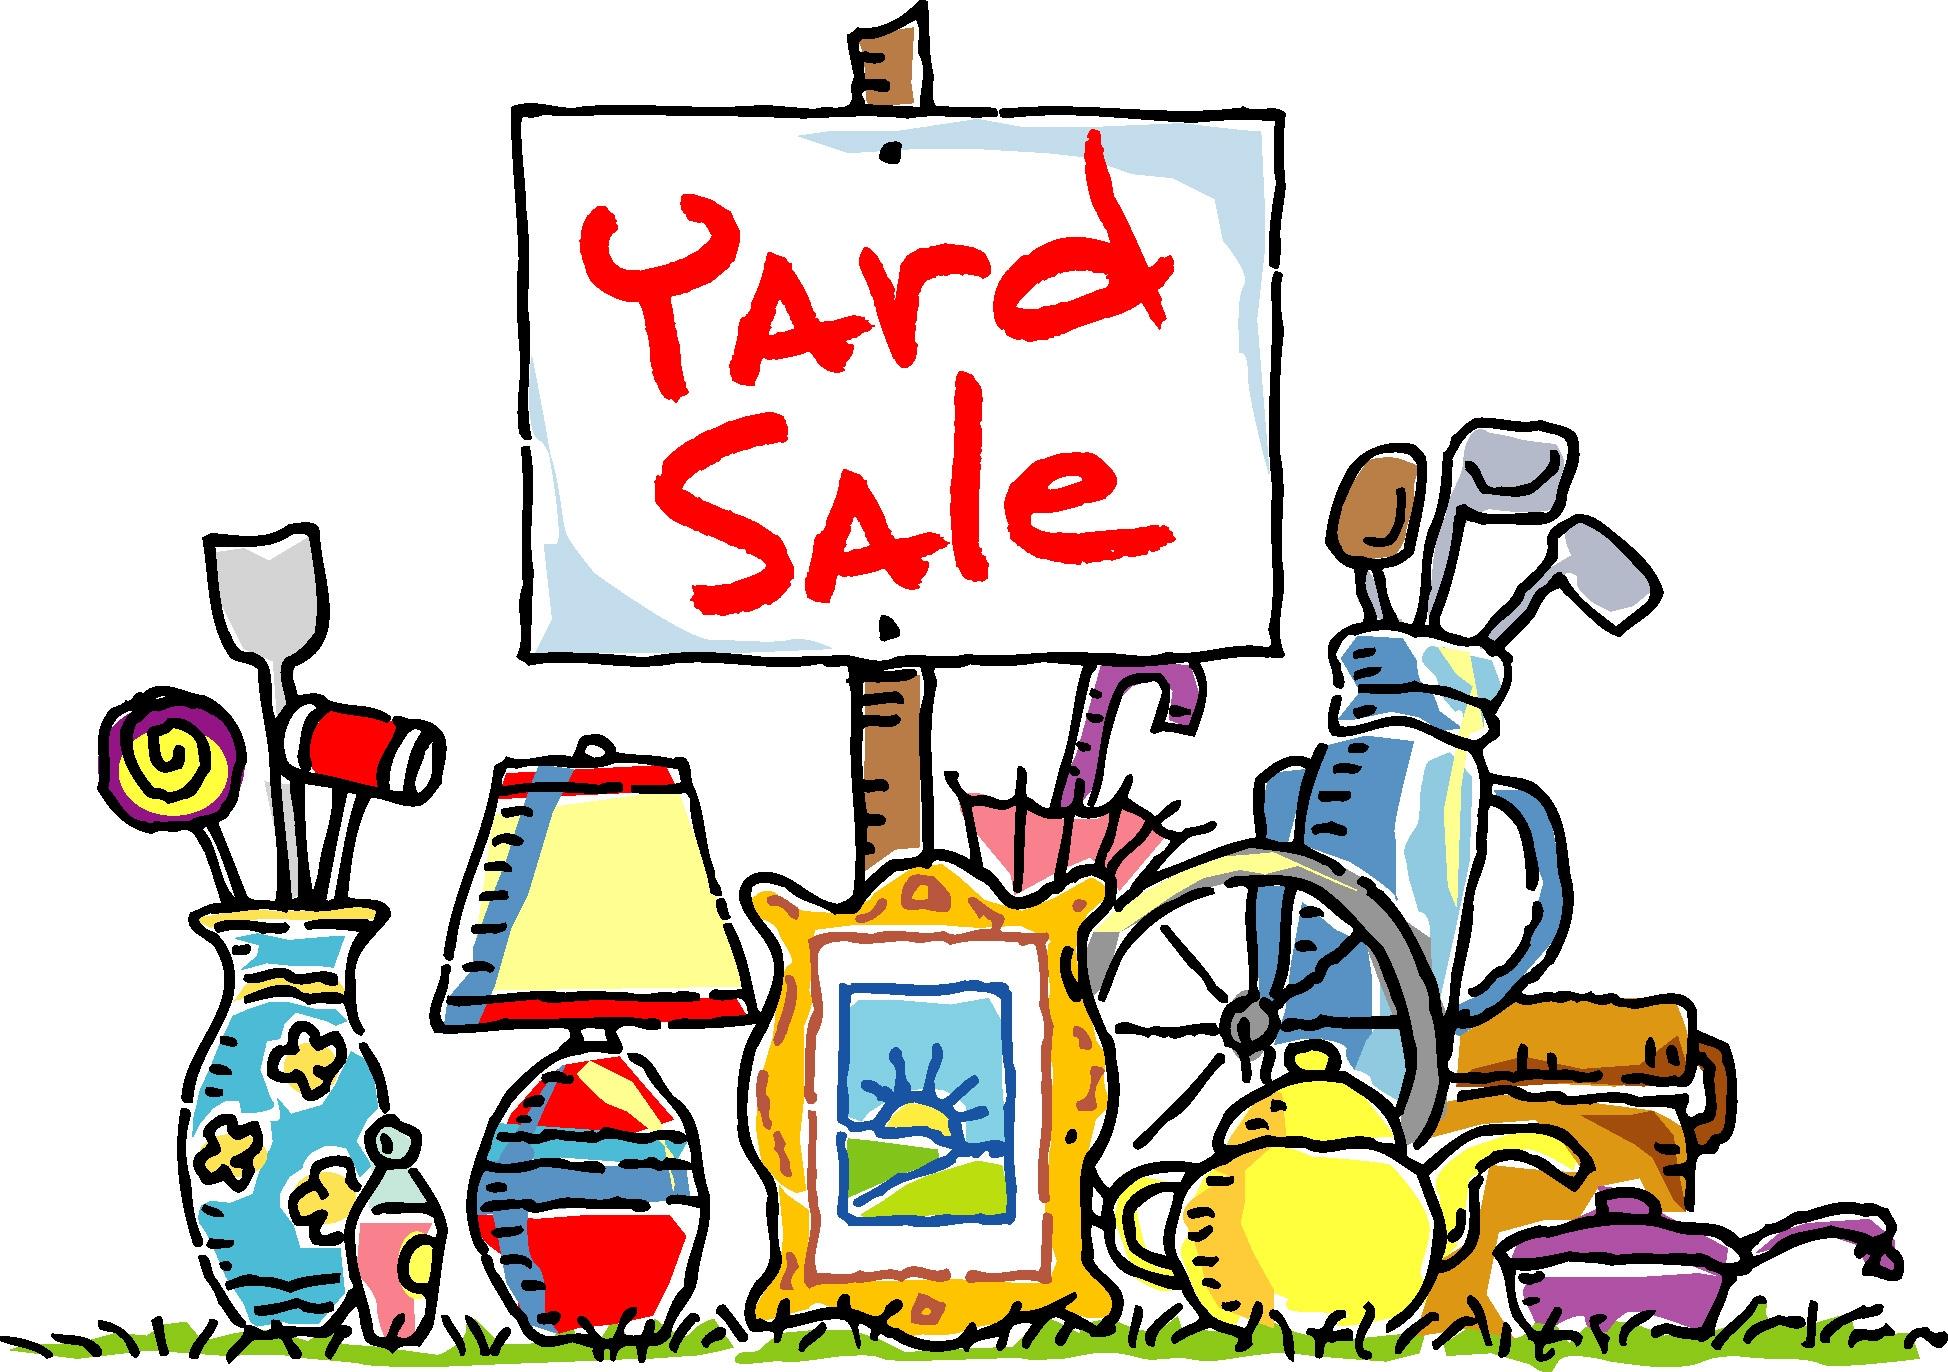 Church Yard Sale Clipart - Clipart Kid